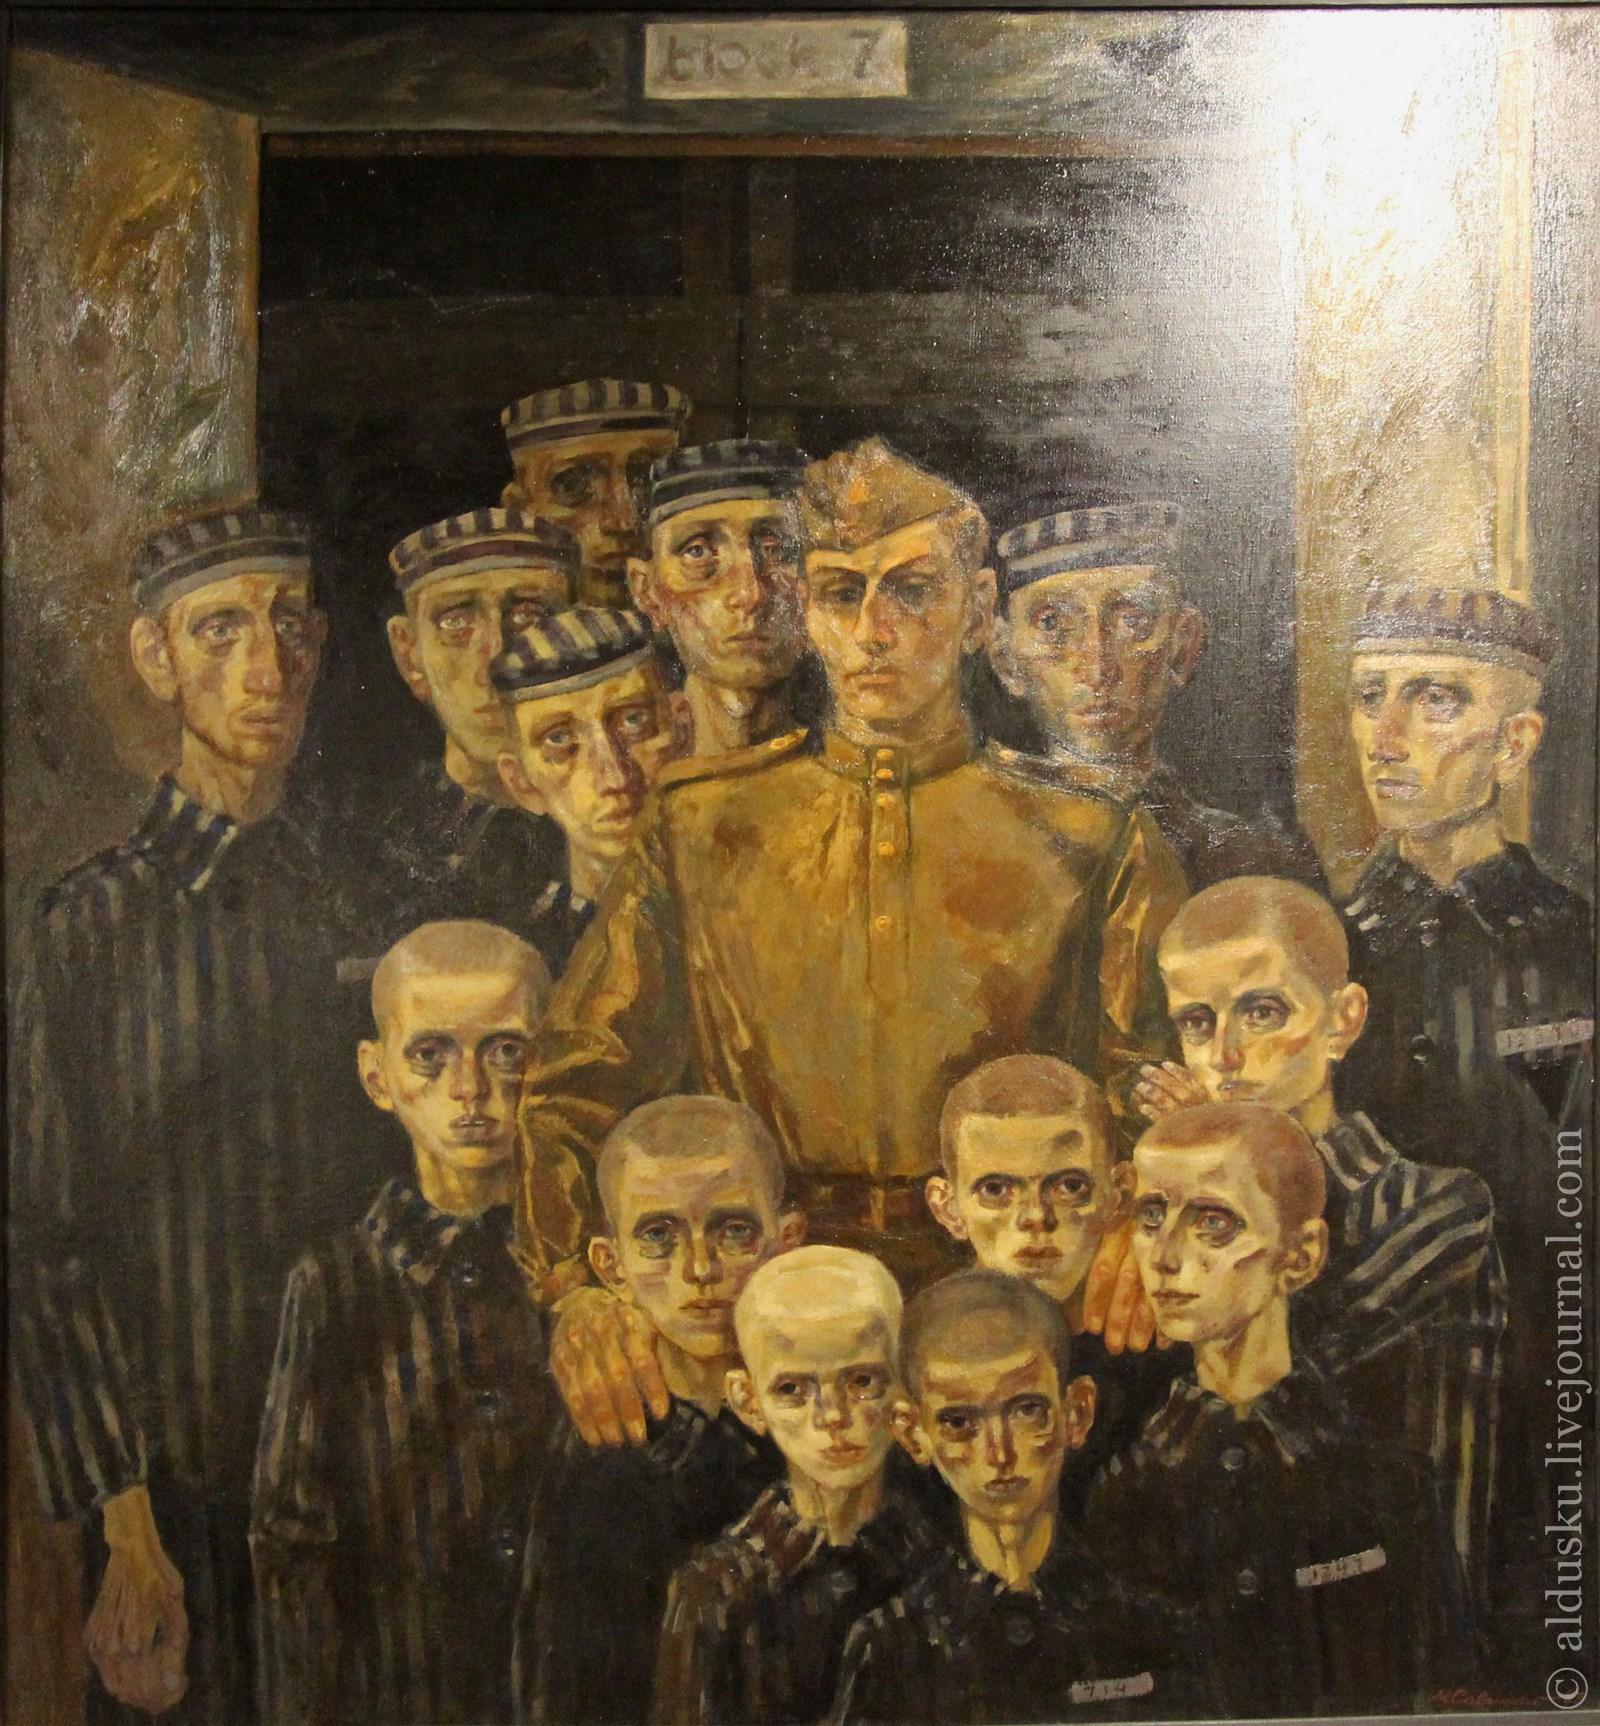 ЭТИ ВЫЖИЛИ (1987)